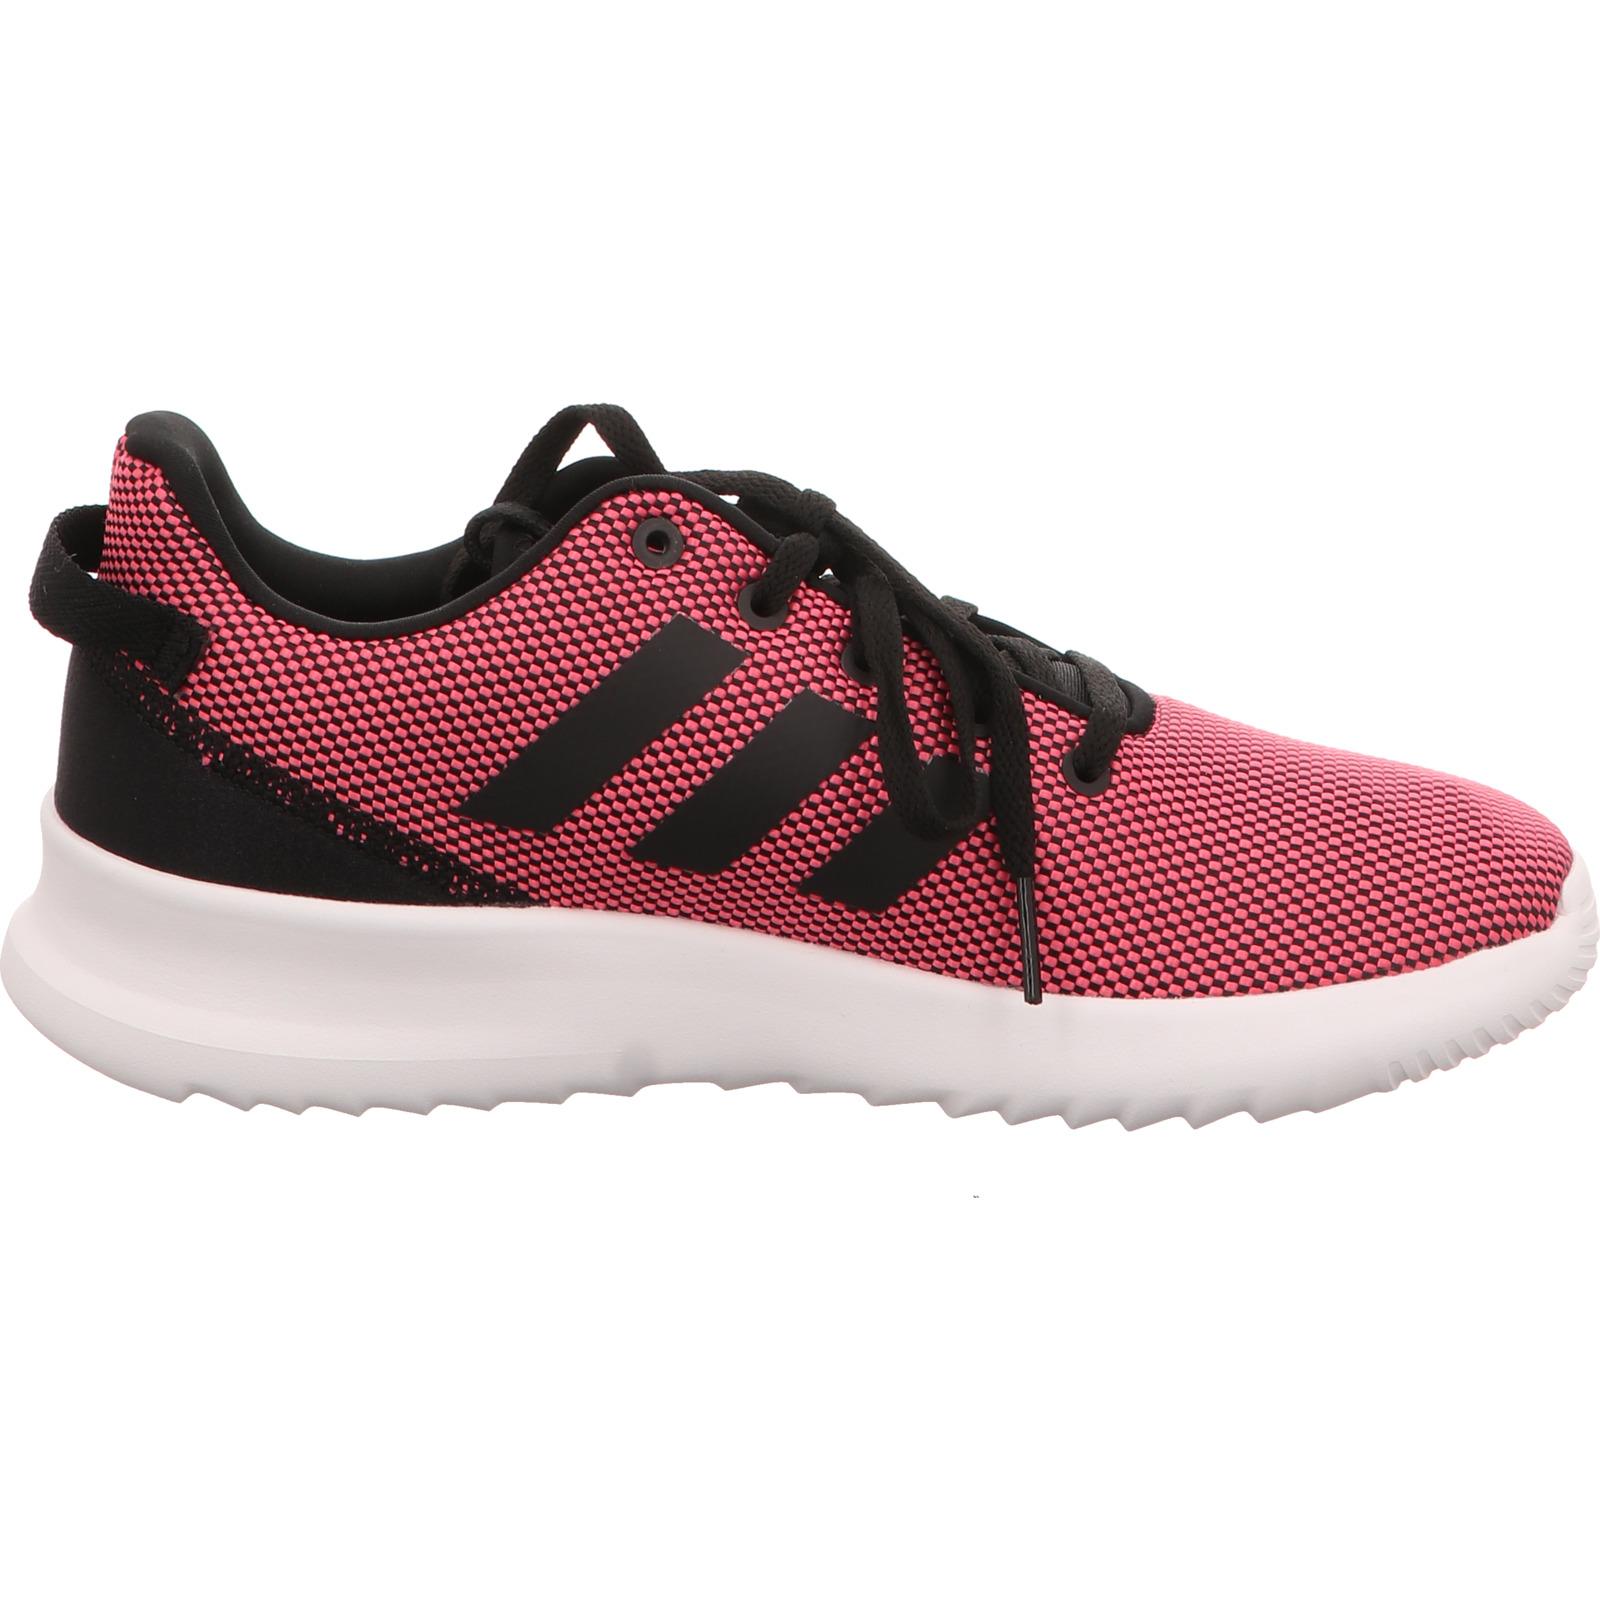 Billig gute Adidas Qualität Adidas gute Mädchen Sportschnürschuh rosa 6eb473